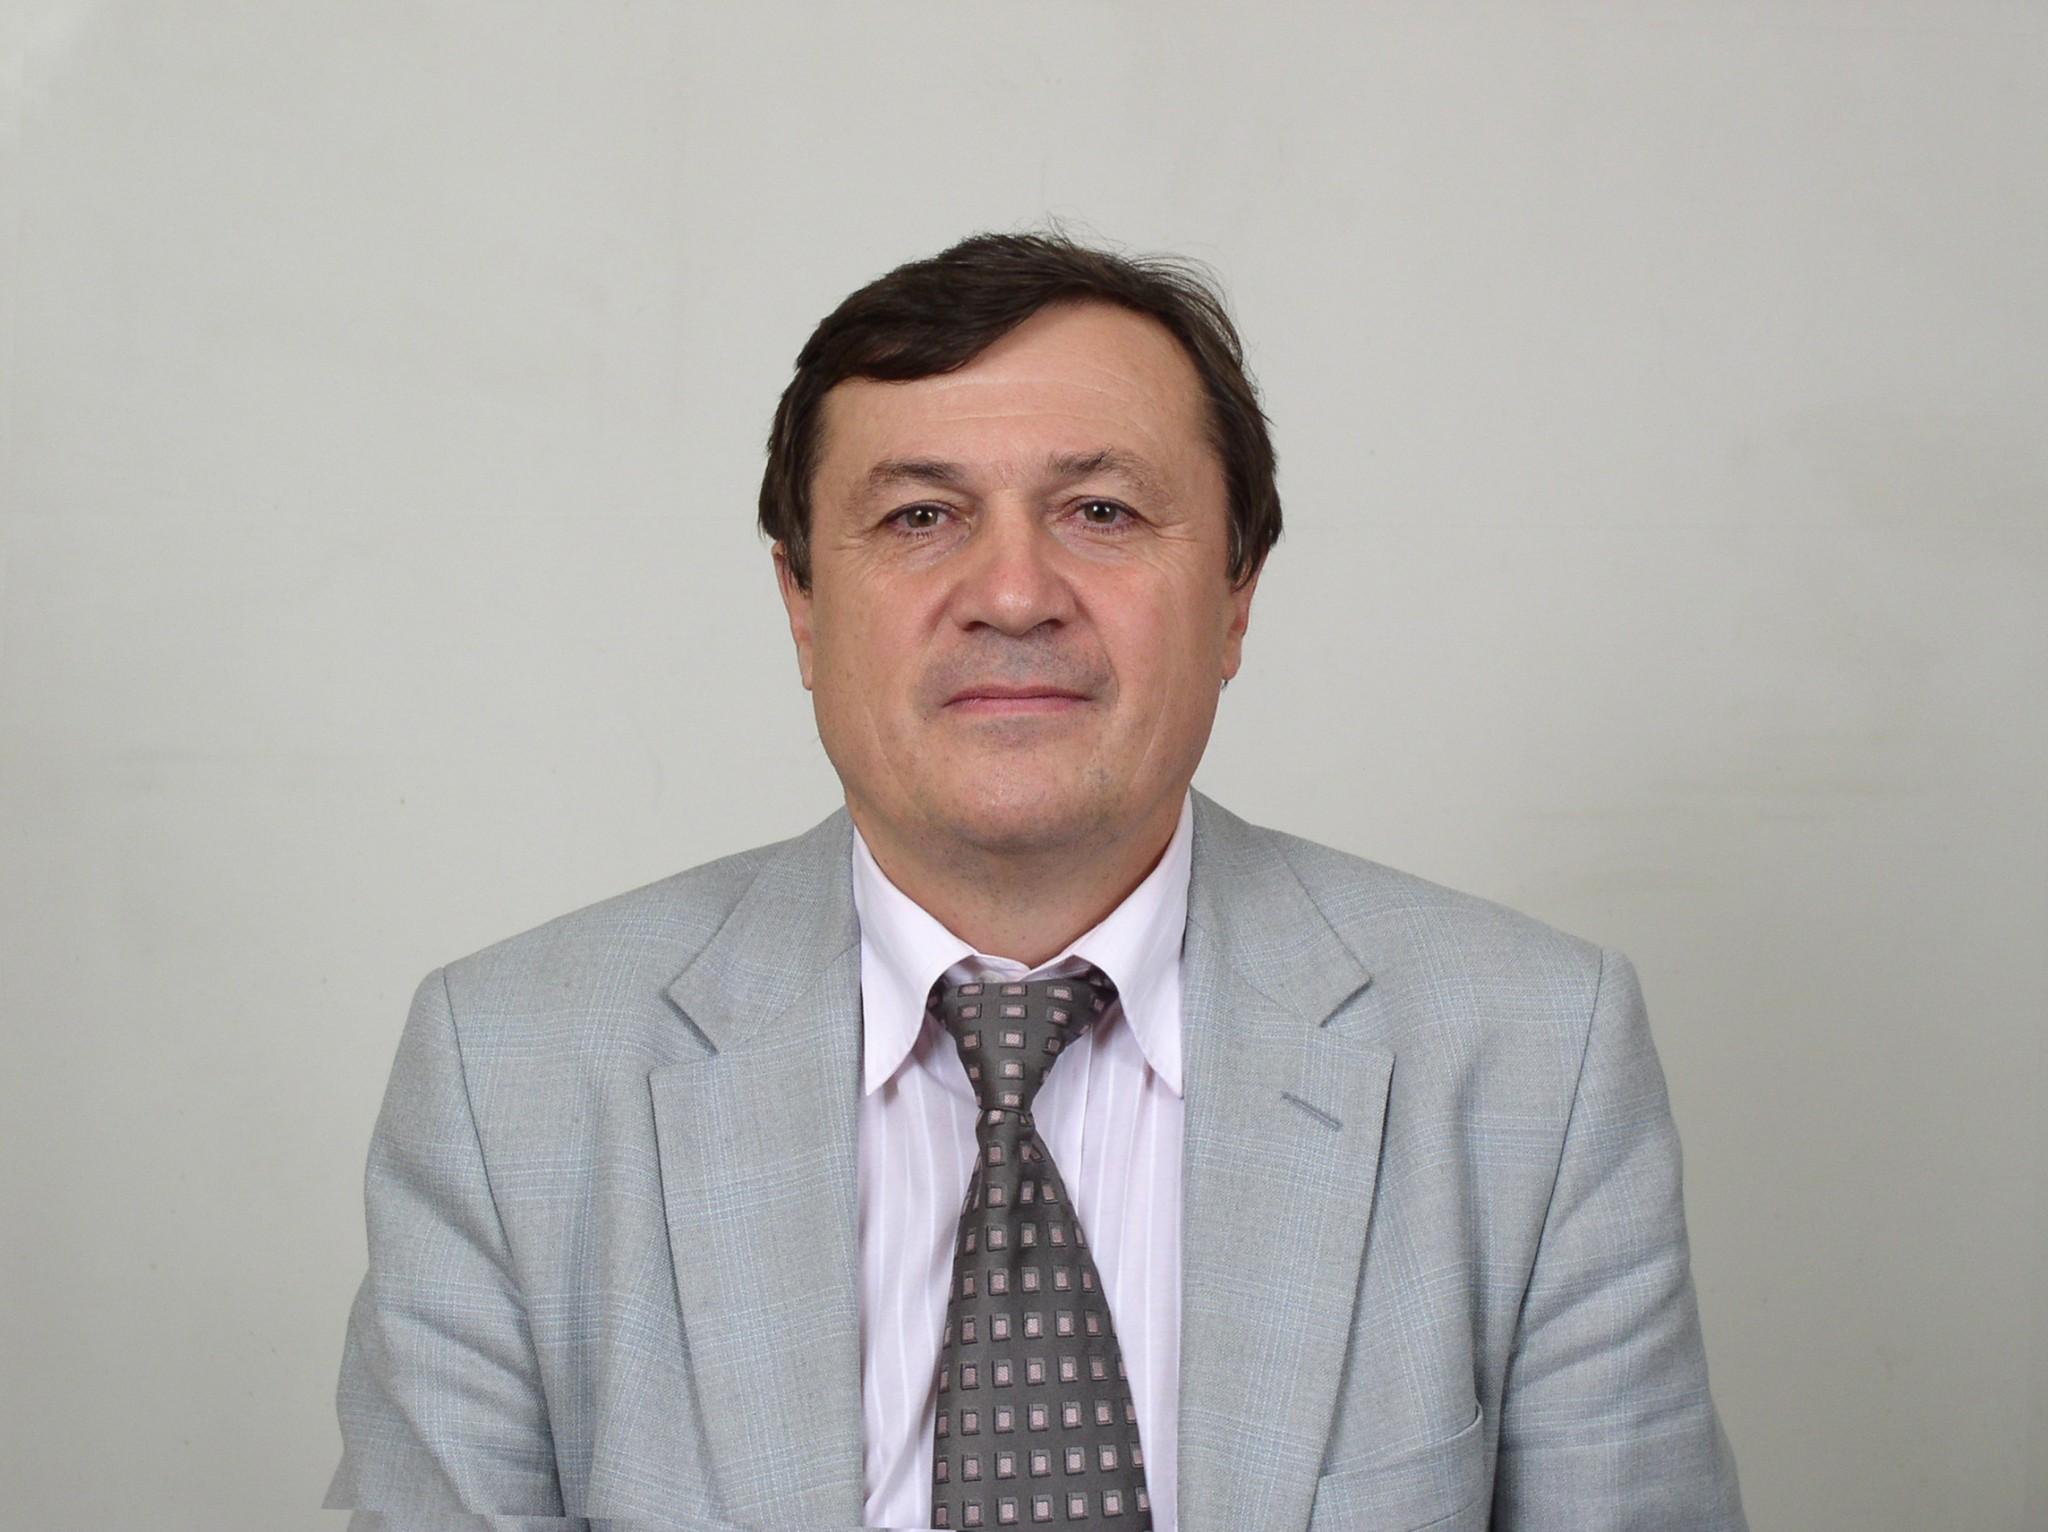 Володимир Олександрович Тімофєєв